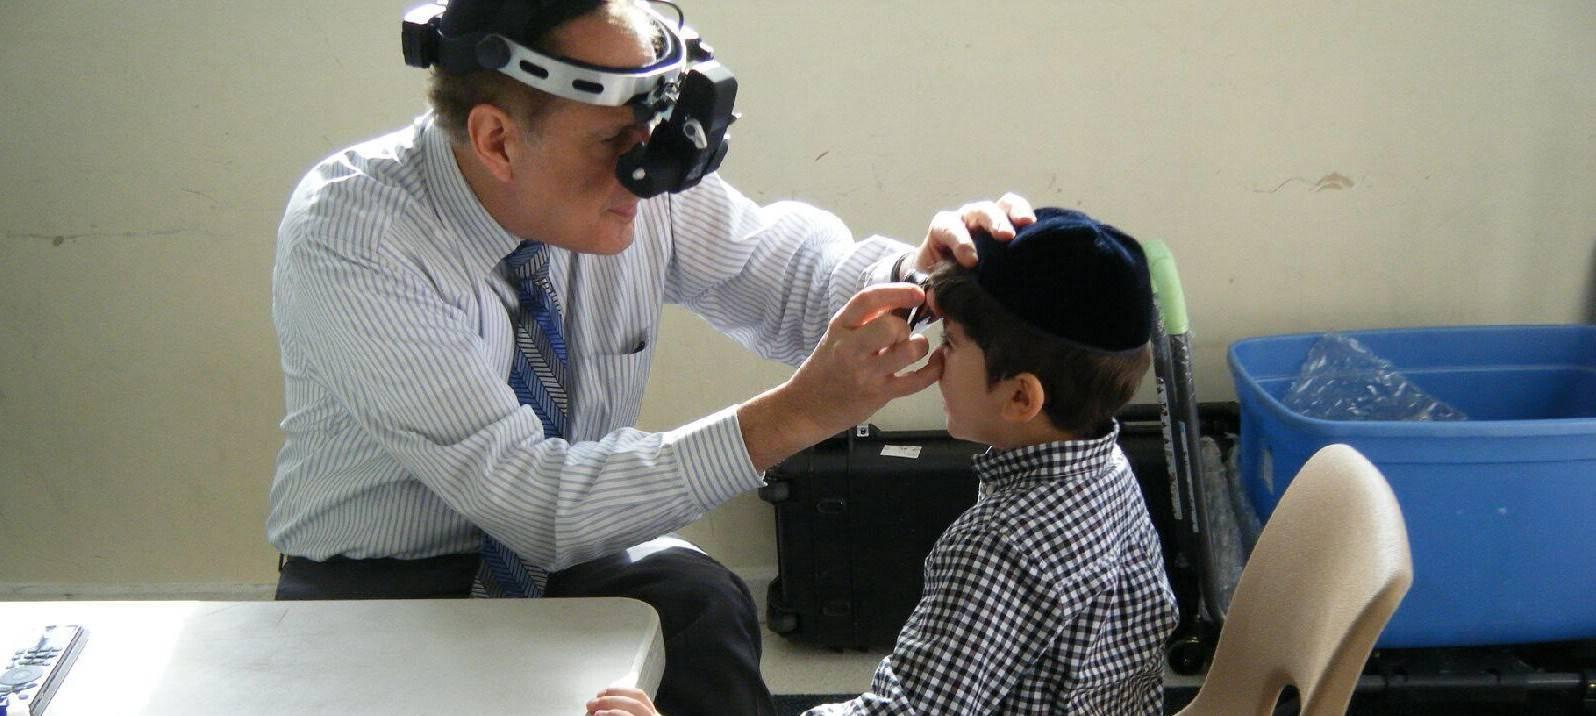 exam-doc-child-e1448891015767